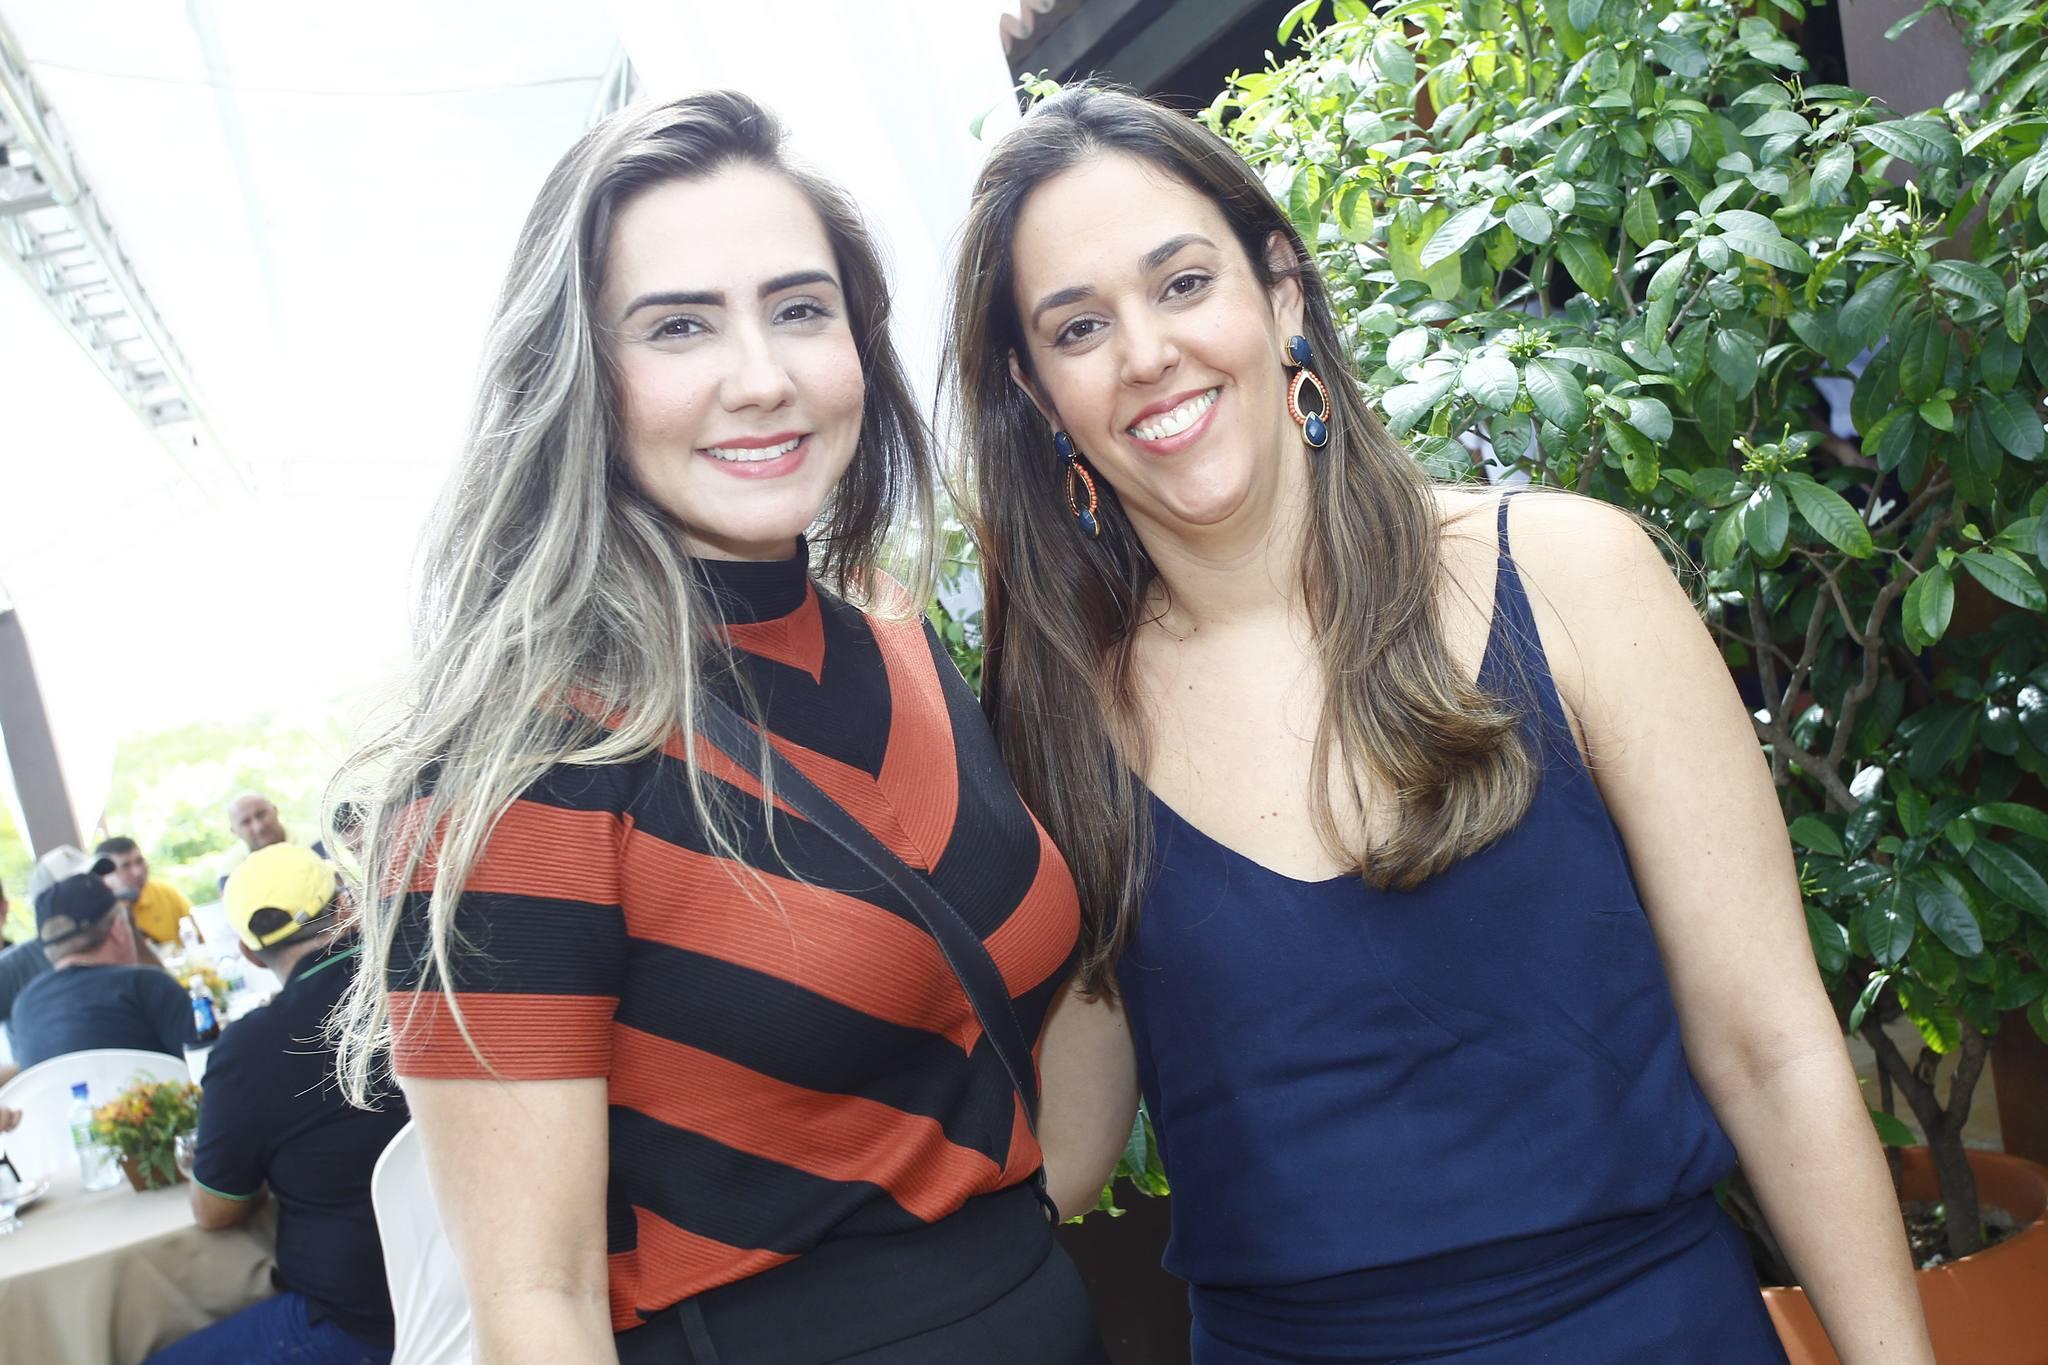 Rafaela Granjeiro E Sarah Ferrer